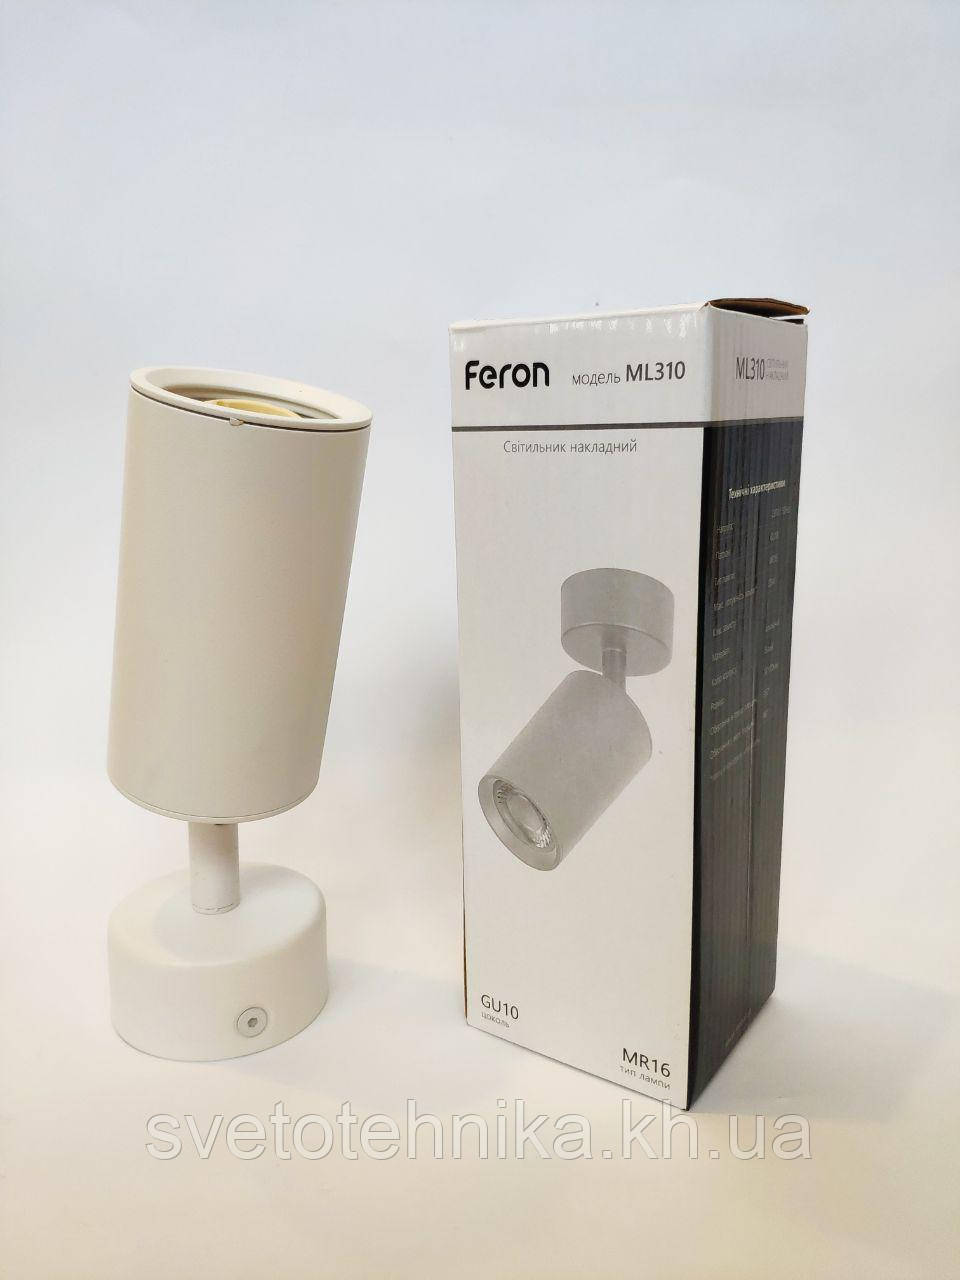 Cветодиодный светильник Feron МL310 белый GU-10